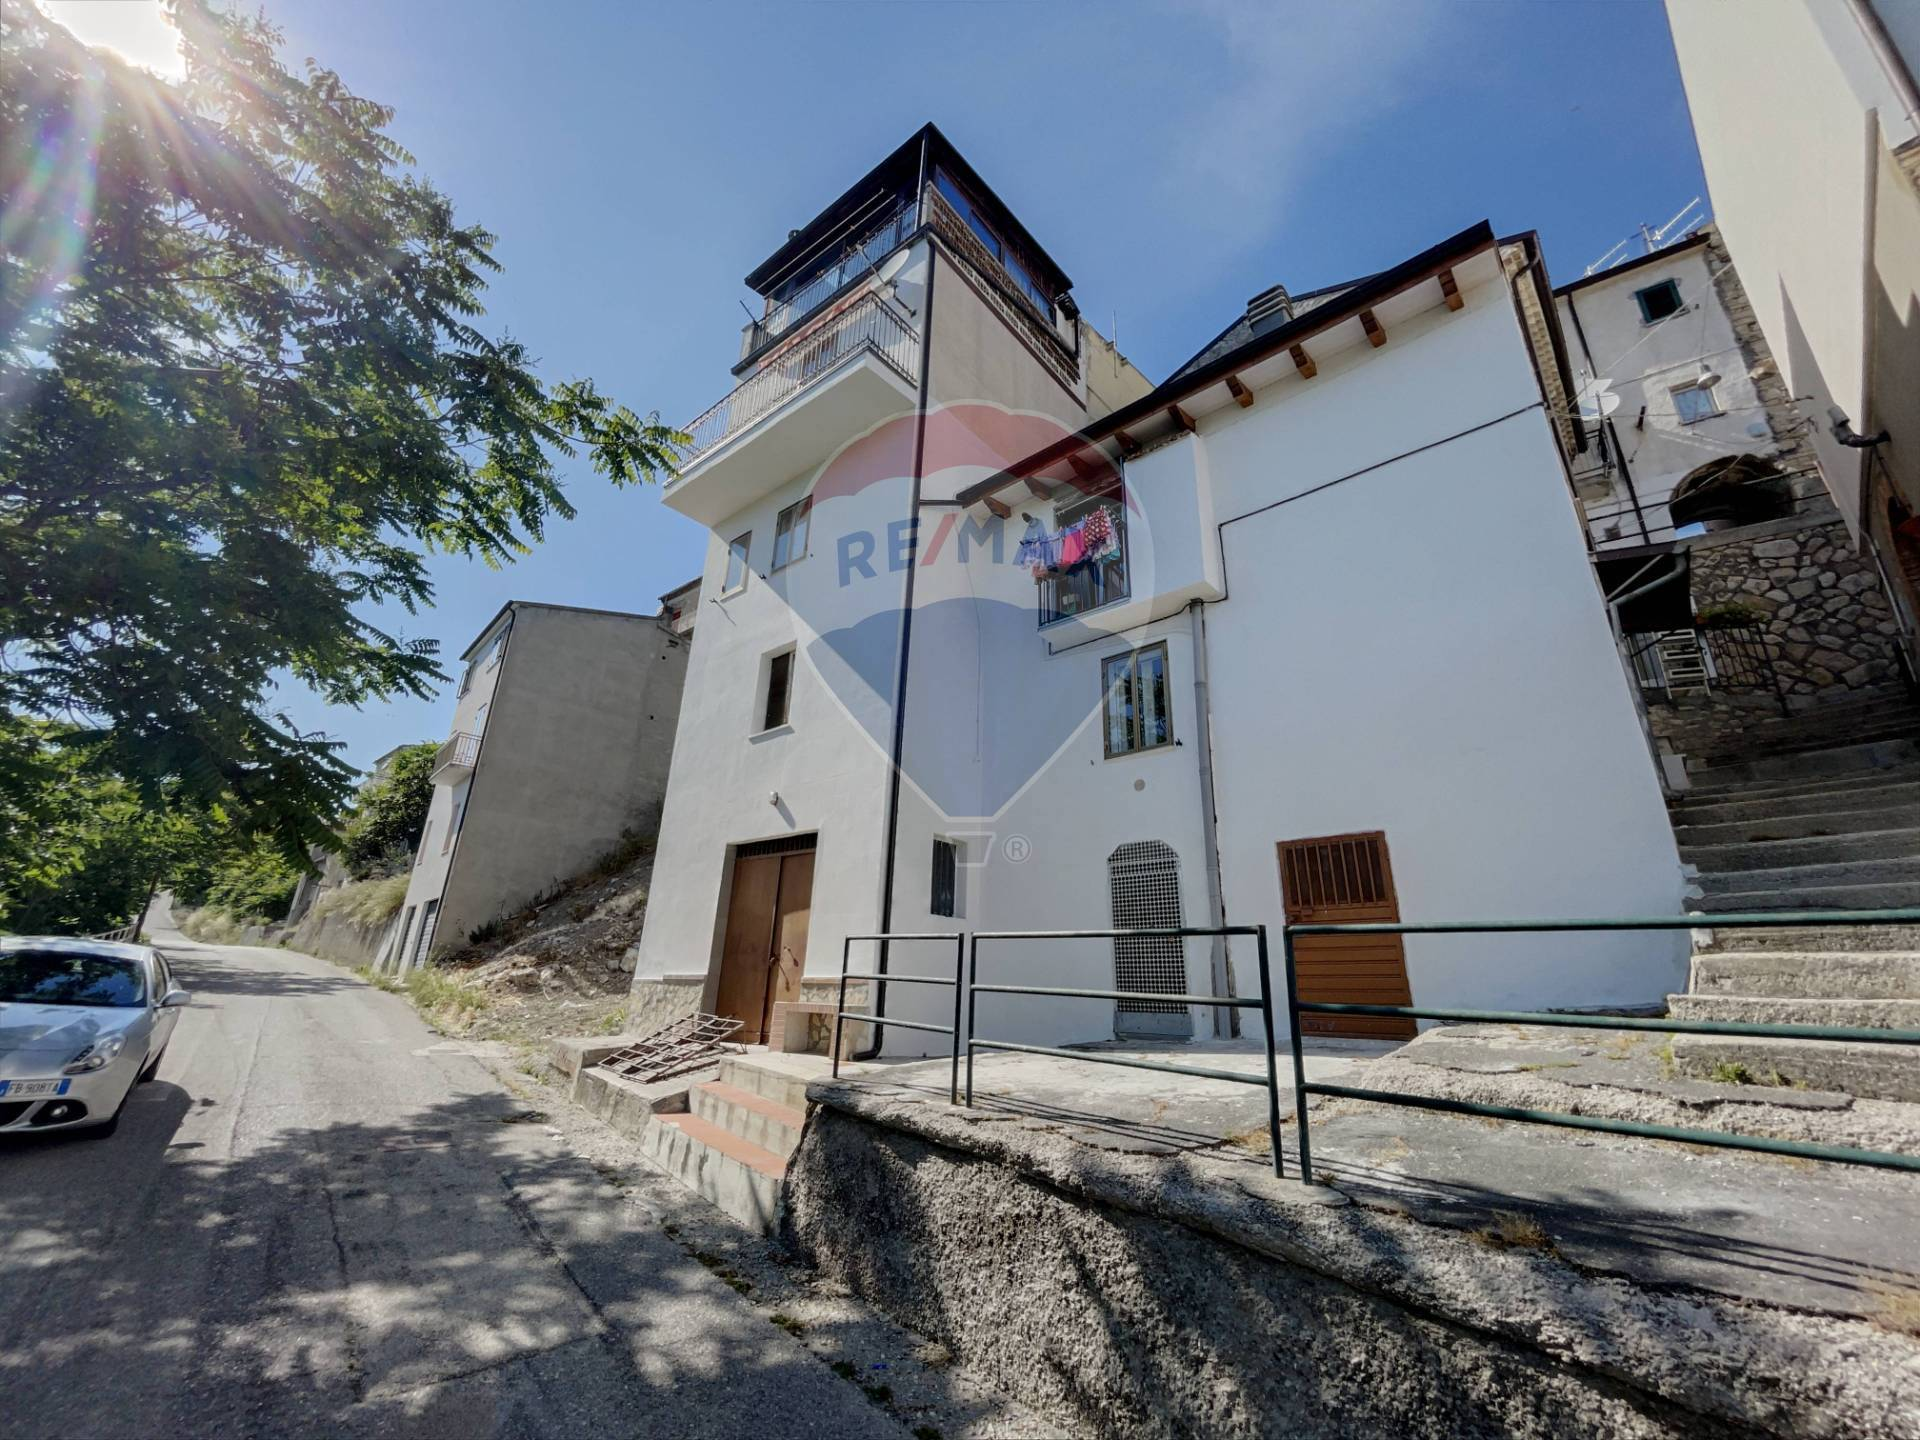 Soluzione Indipendente in vendita a San Buono, 7 locali, prezzo € 65.000   CambioCasa.it